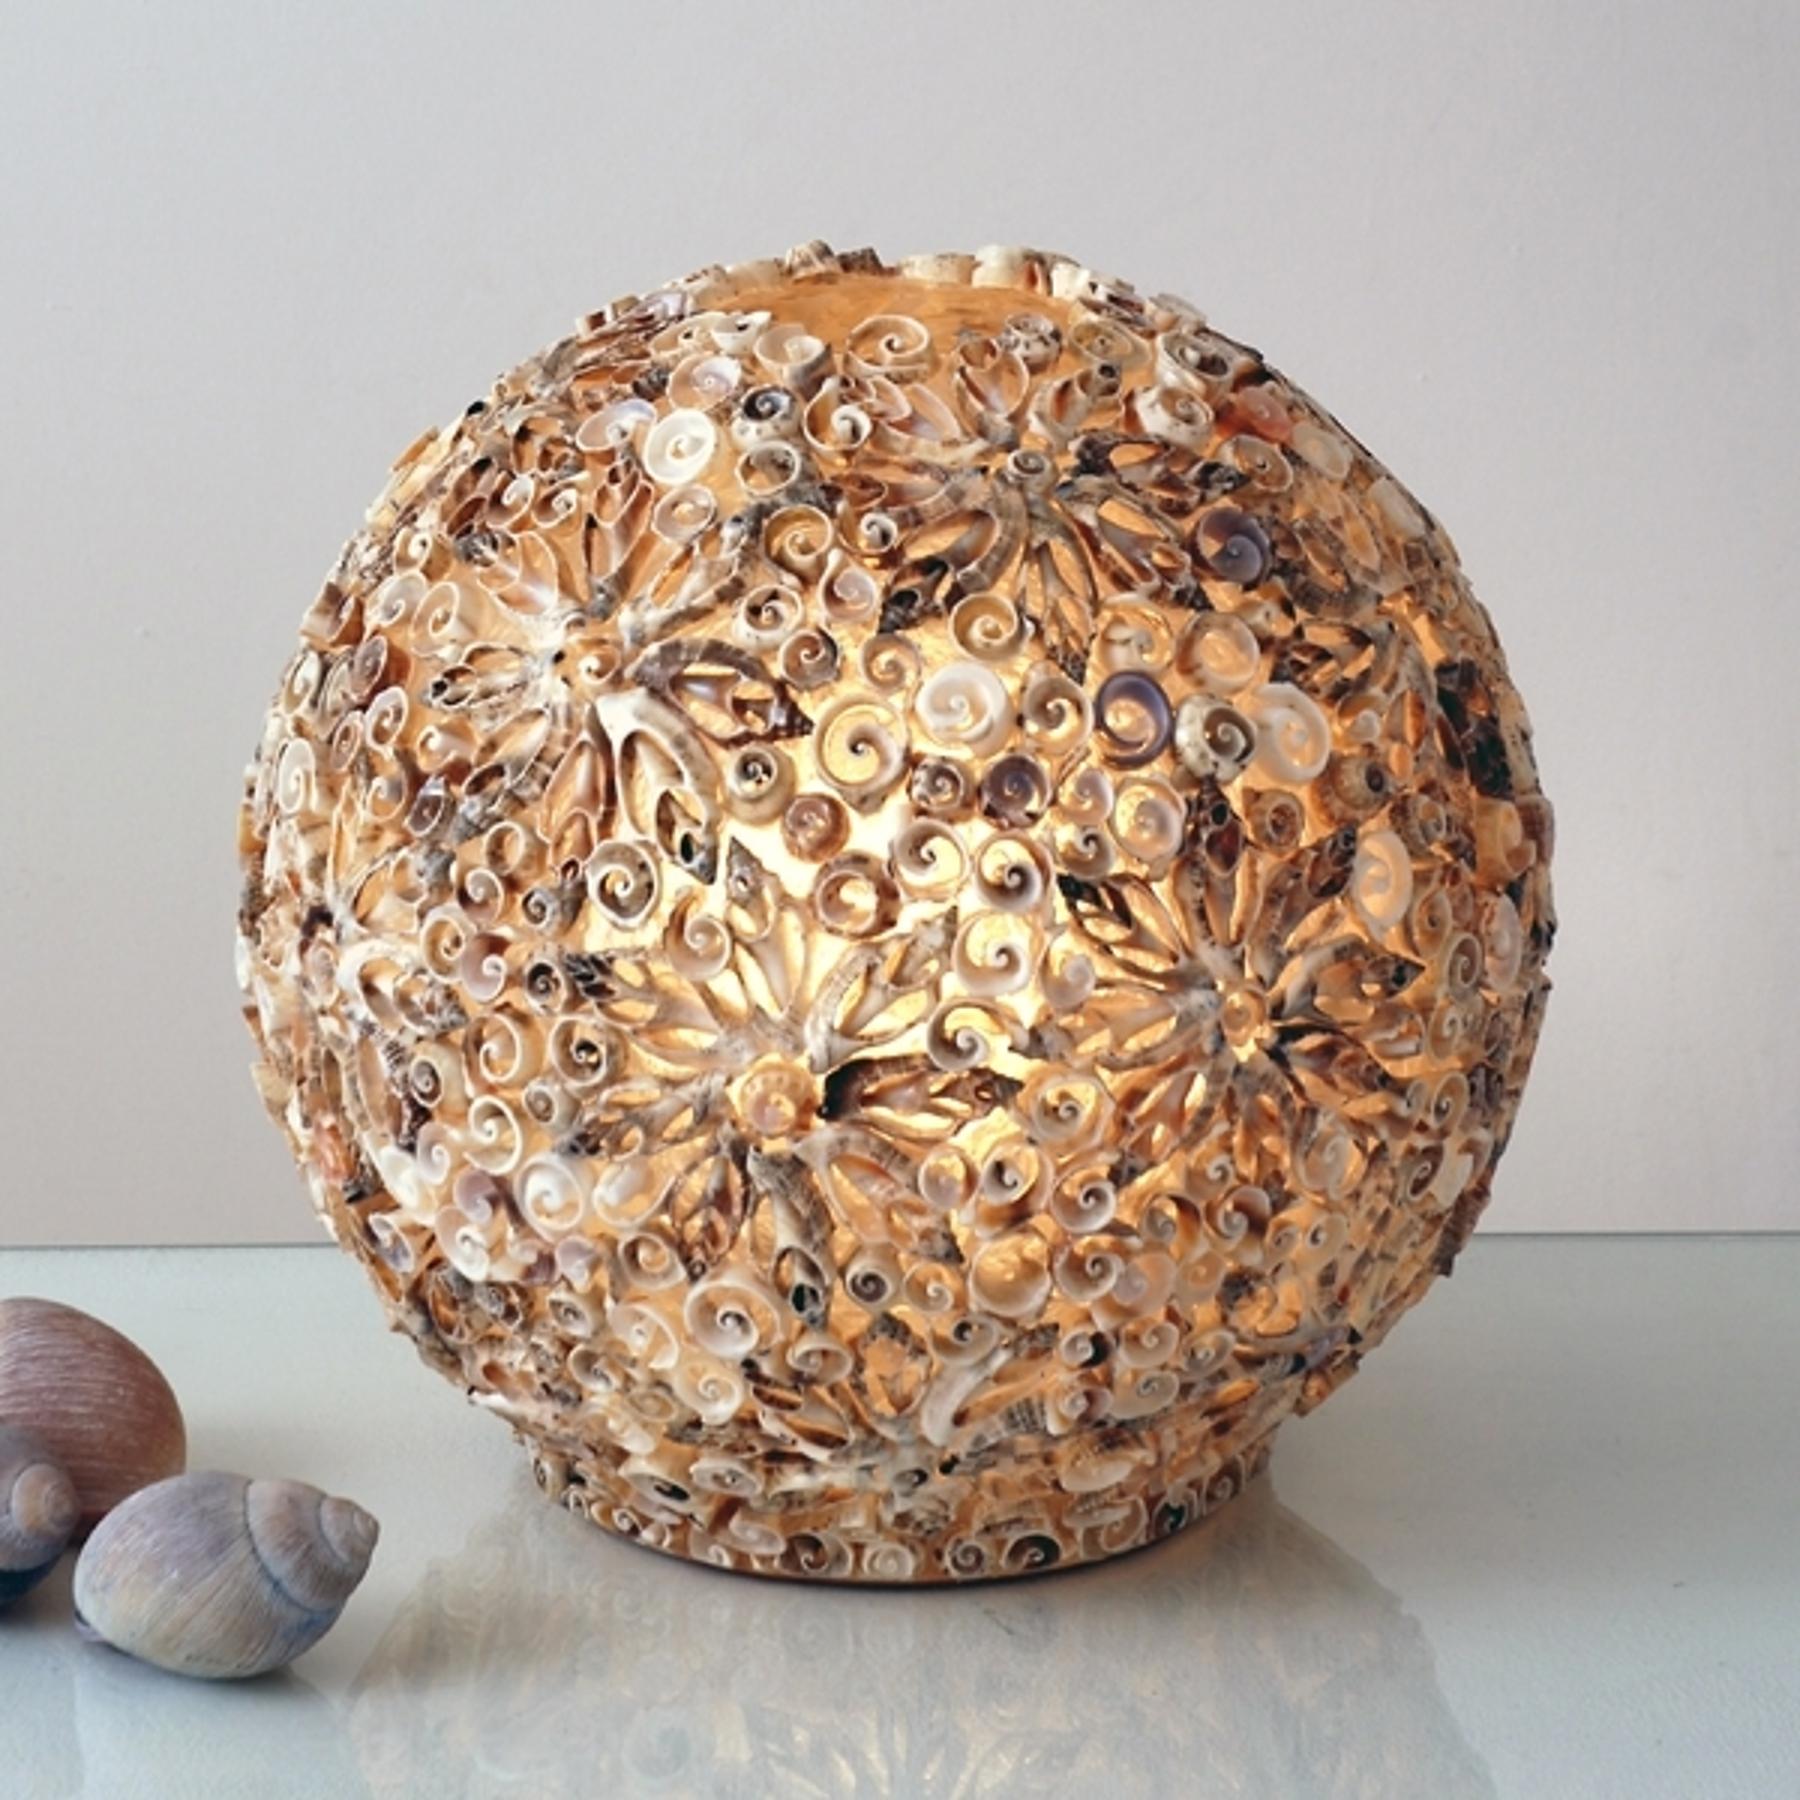 Dekorative Tischleuchte MUSCHELBALL, 30 cm